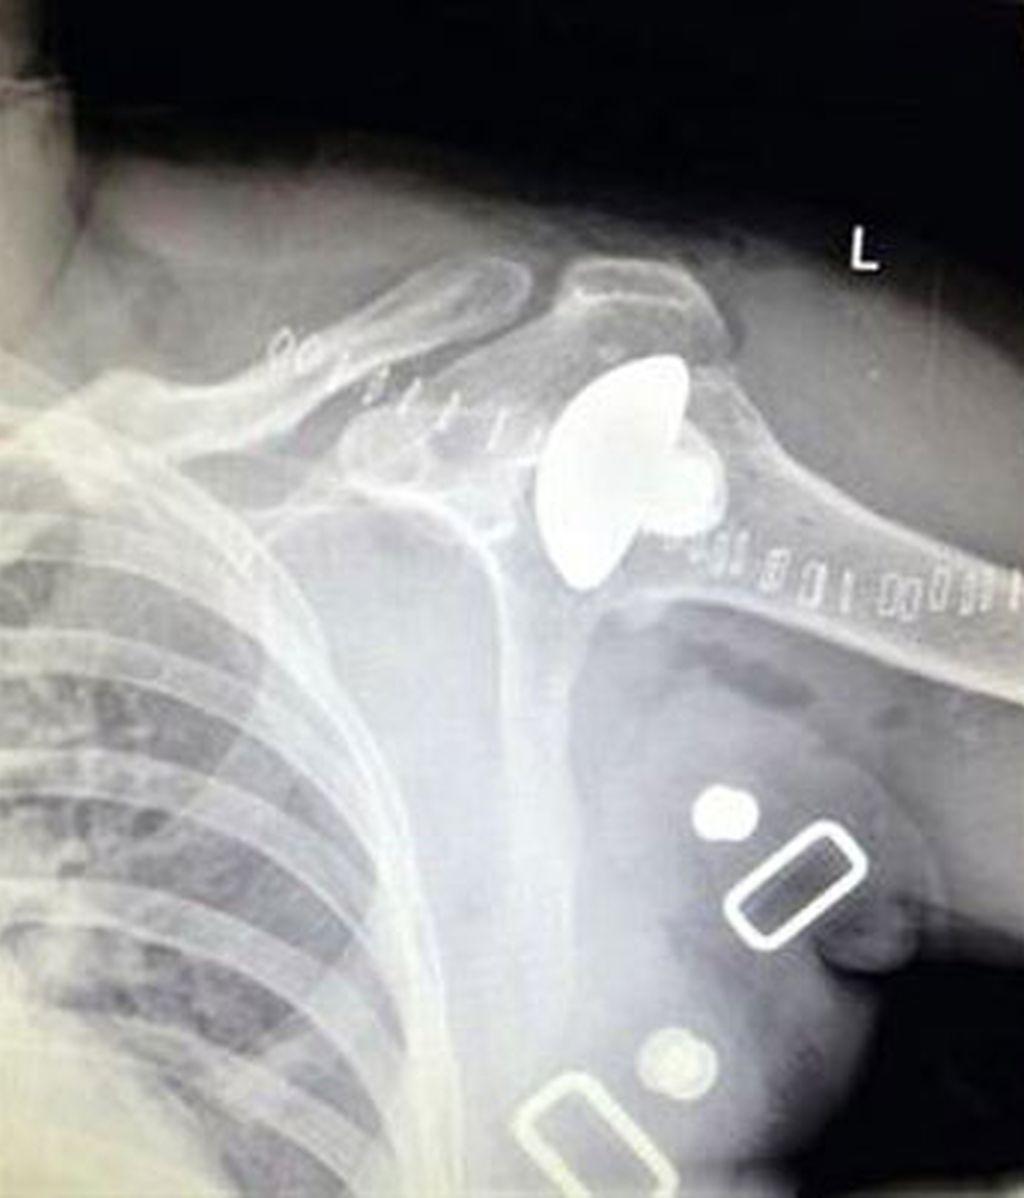 implante de menisco,intervención quirúrgica en Tenerife,trasplante de menisco,donante muerto